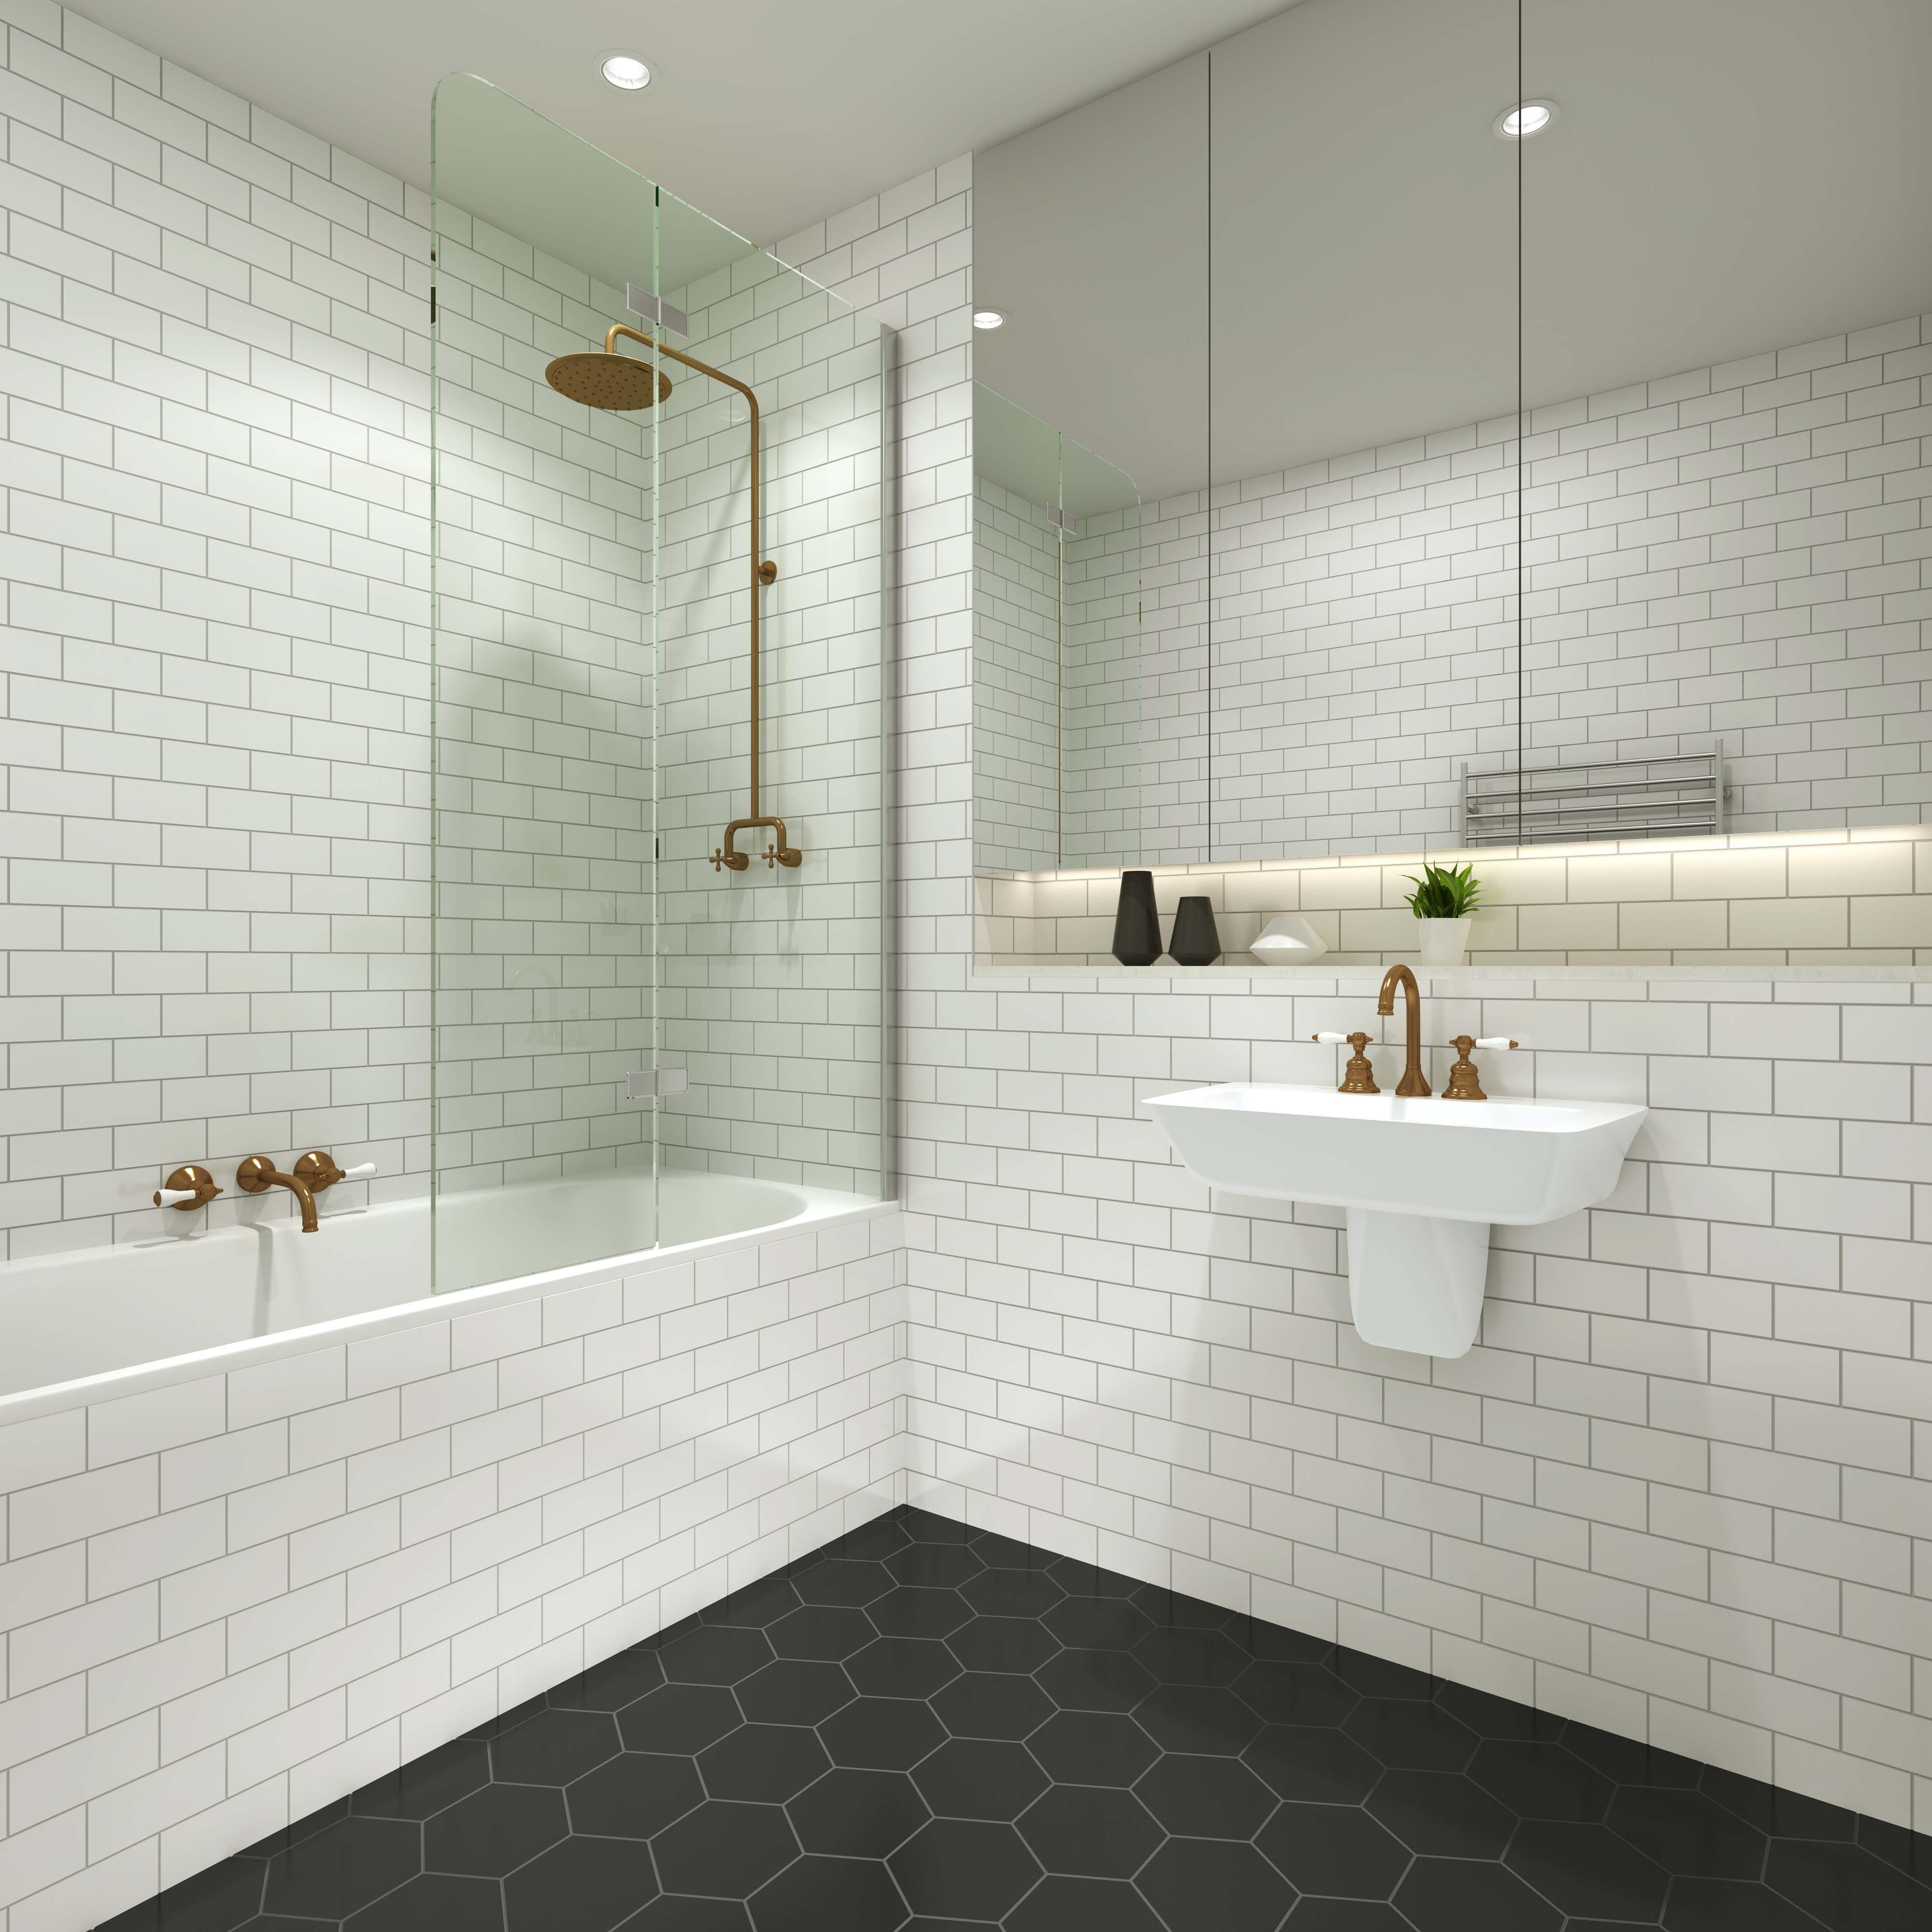 Subway Wall Tile Bathroom